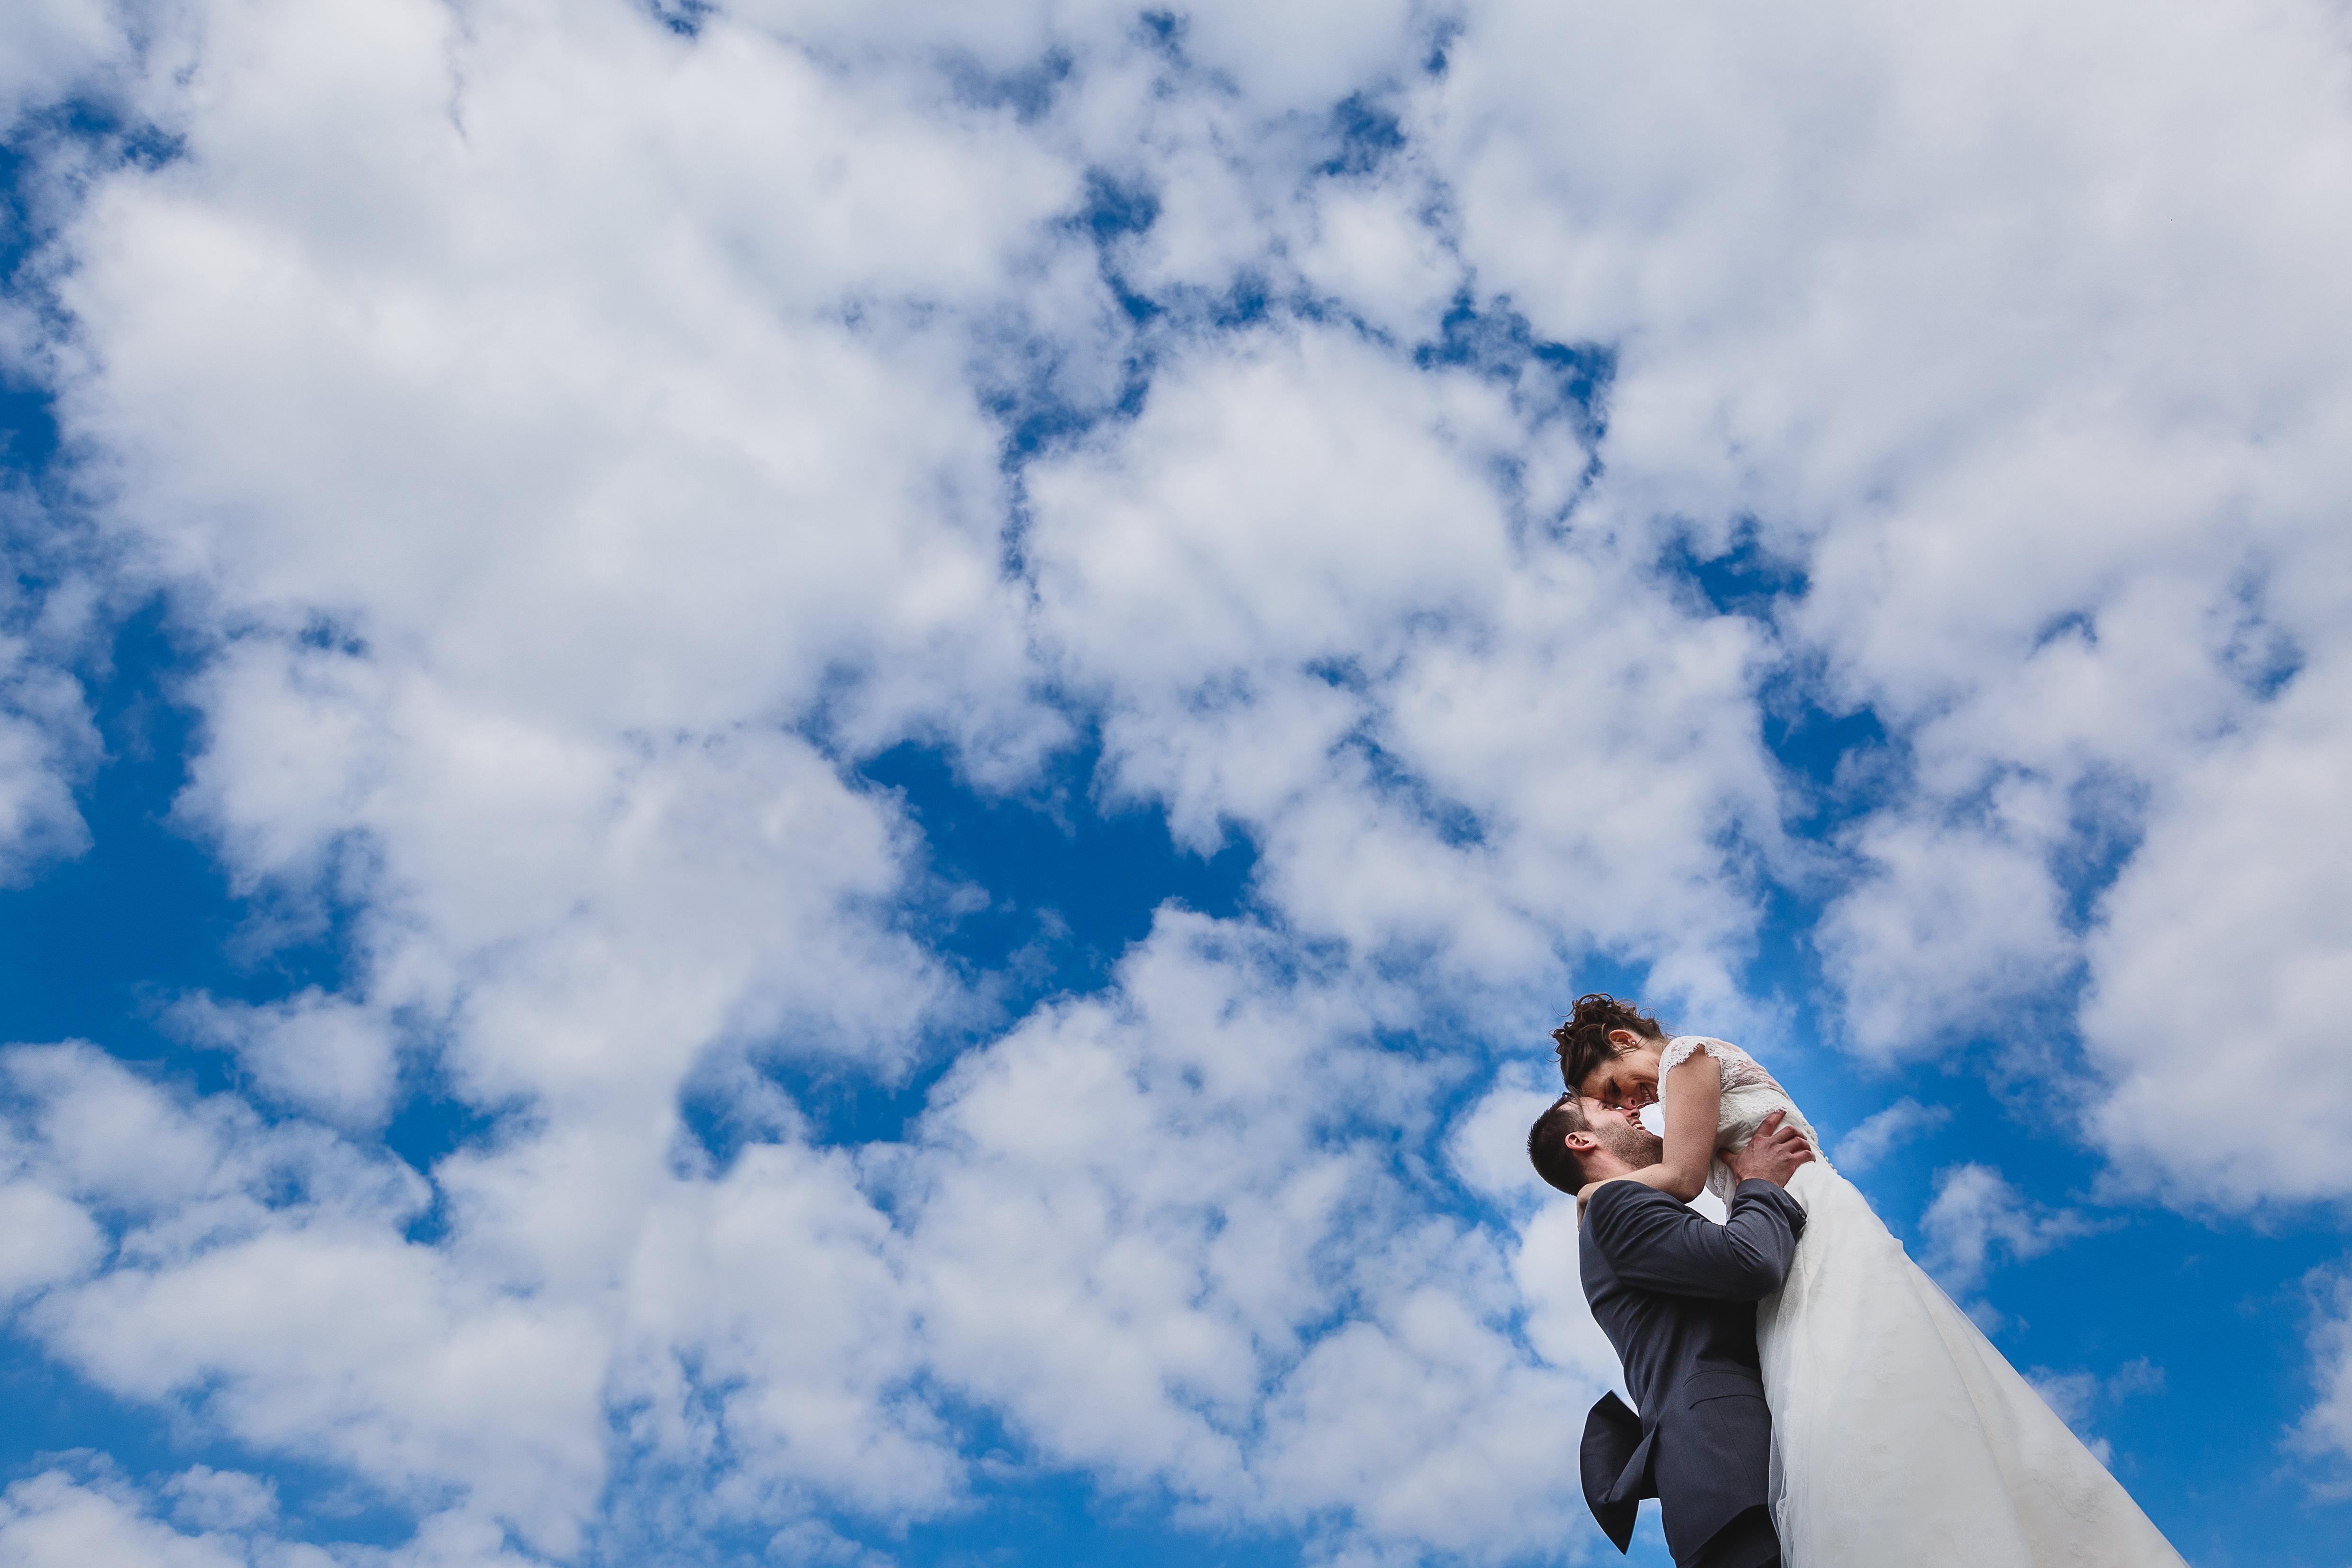 Mon mariage plein d'humour et de tendresse : notre séance photo en amoureux